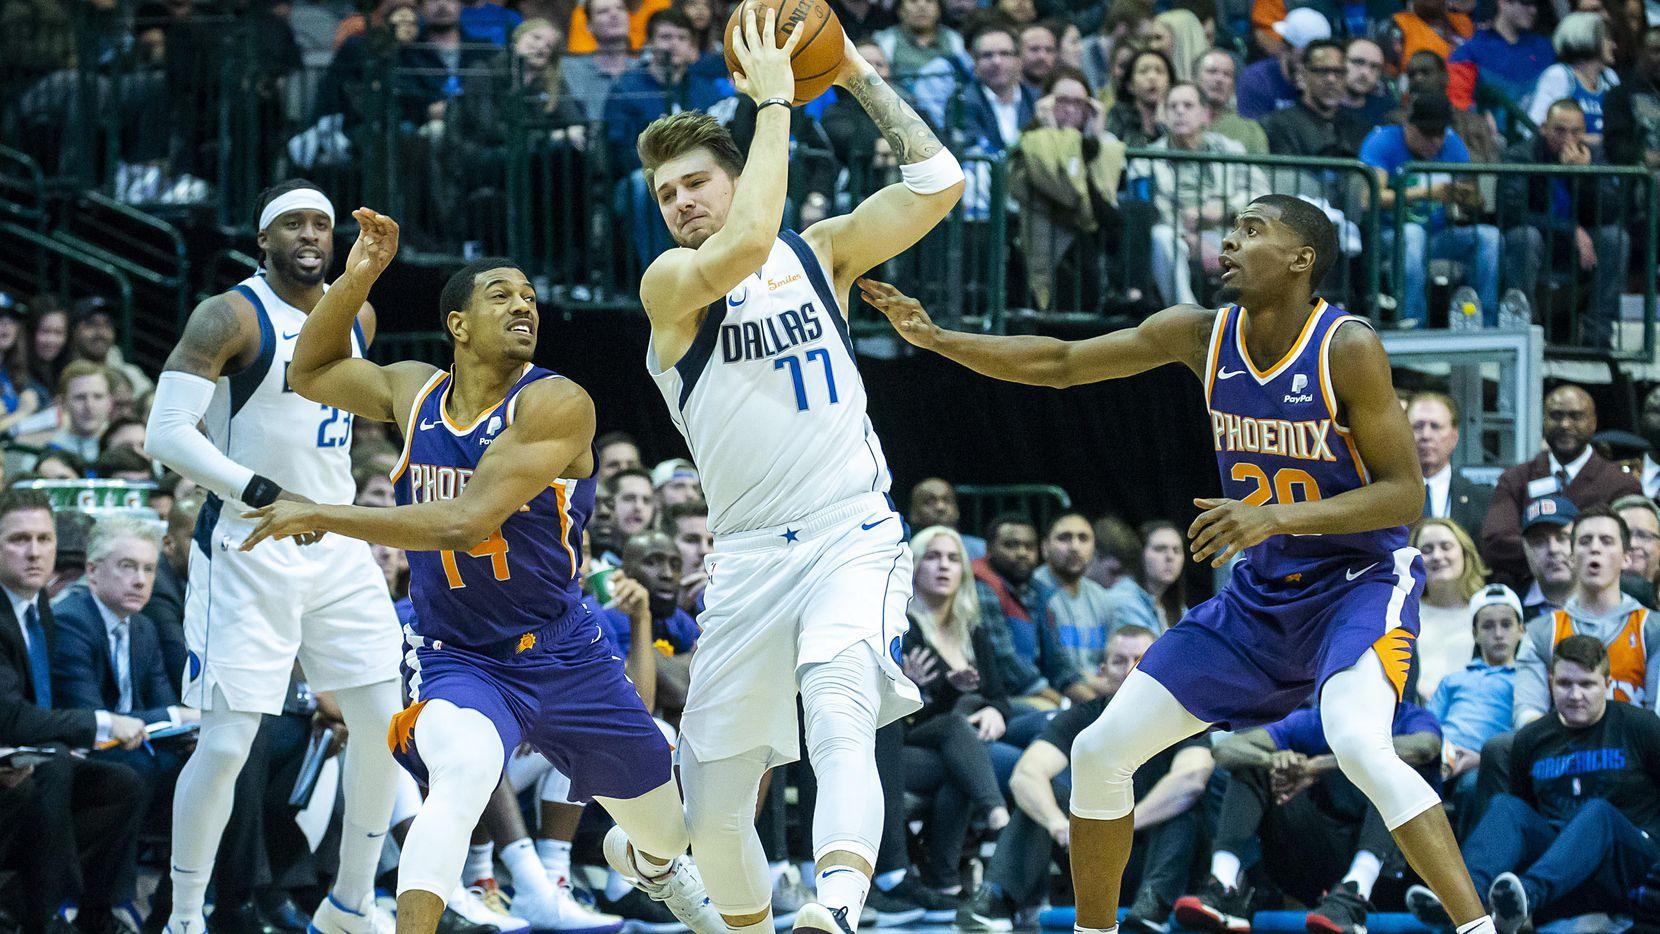 El delantero de los Mavericks de Dallas, Luka Doncic (77) defiende el balón ante la marca de De'Anthony Melton (14) y Josh Jackson (20) de los Suns de Phoenix. (Smiley N. Pool/The Dallas Morning News)